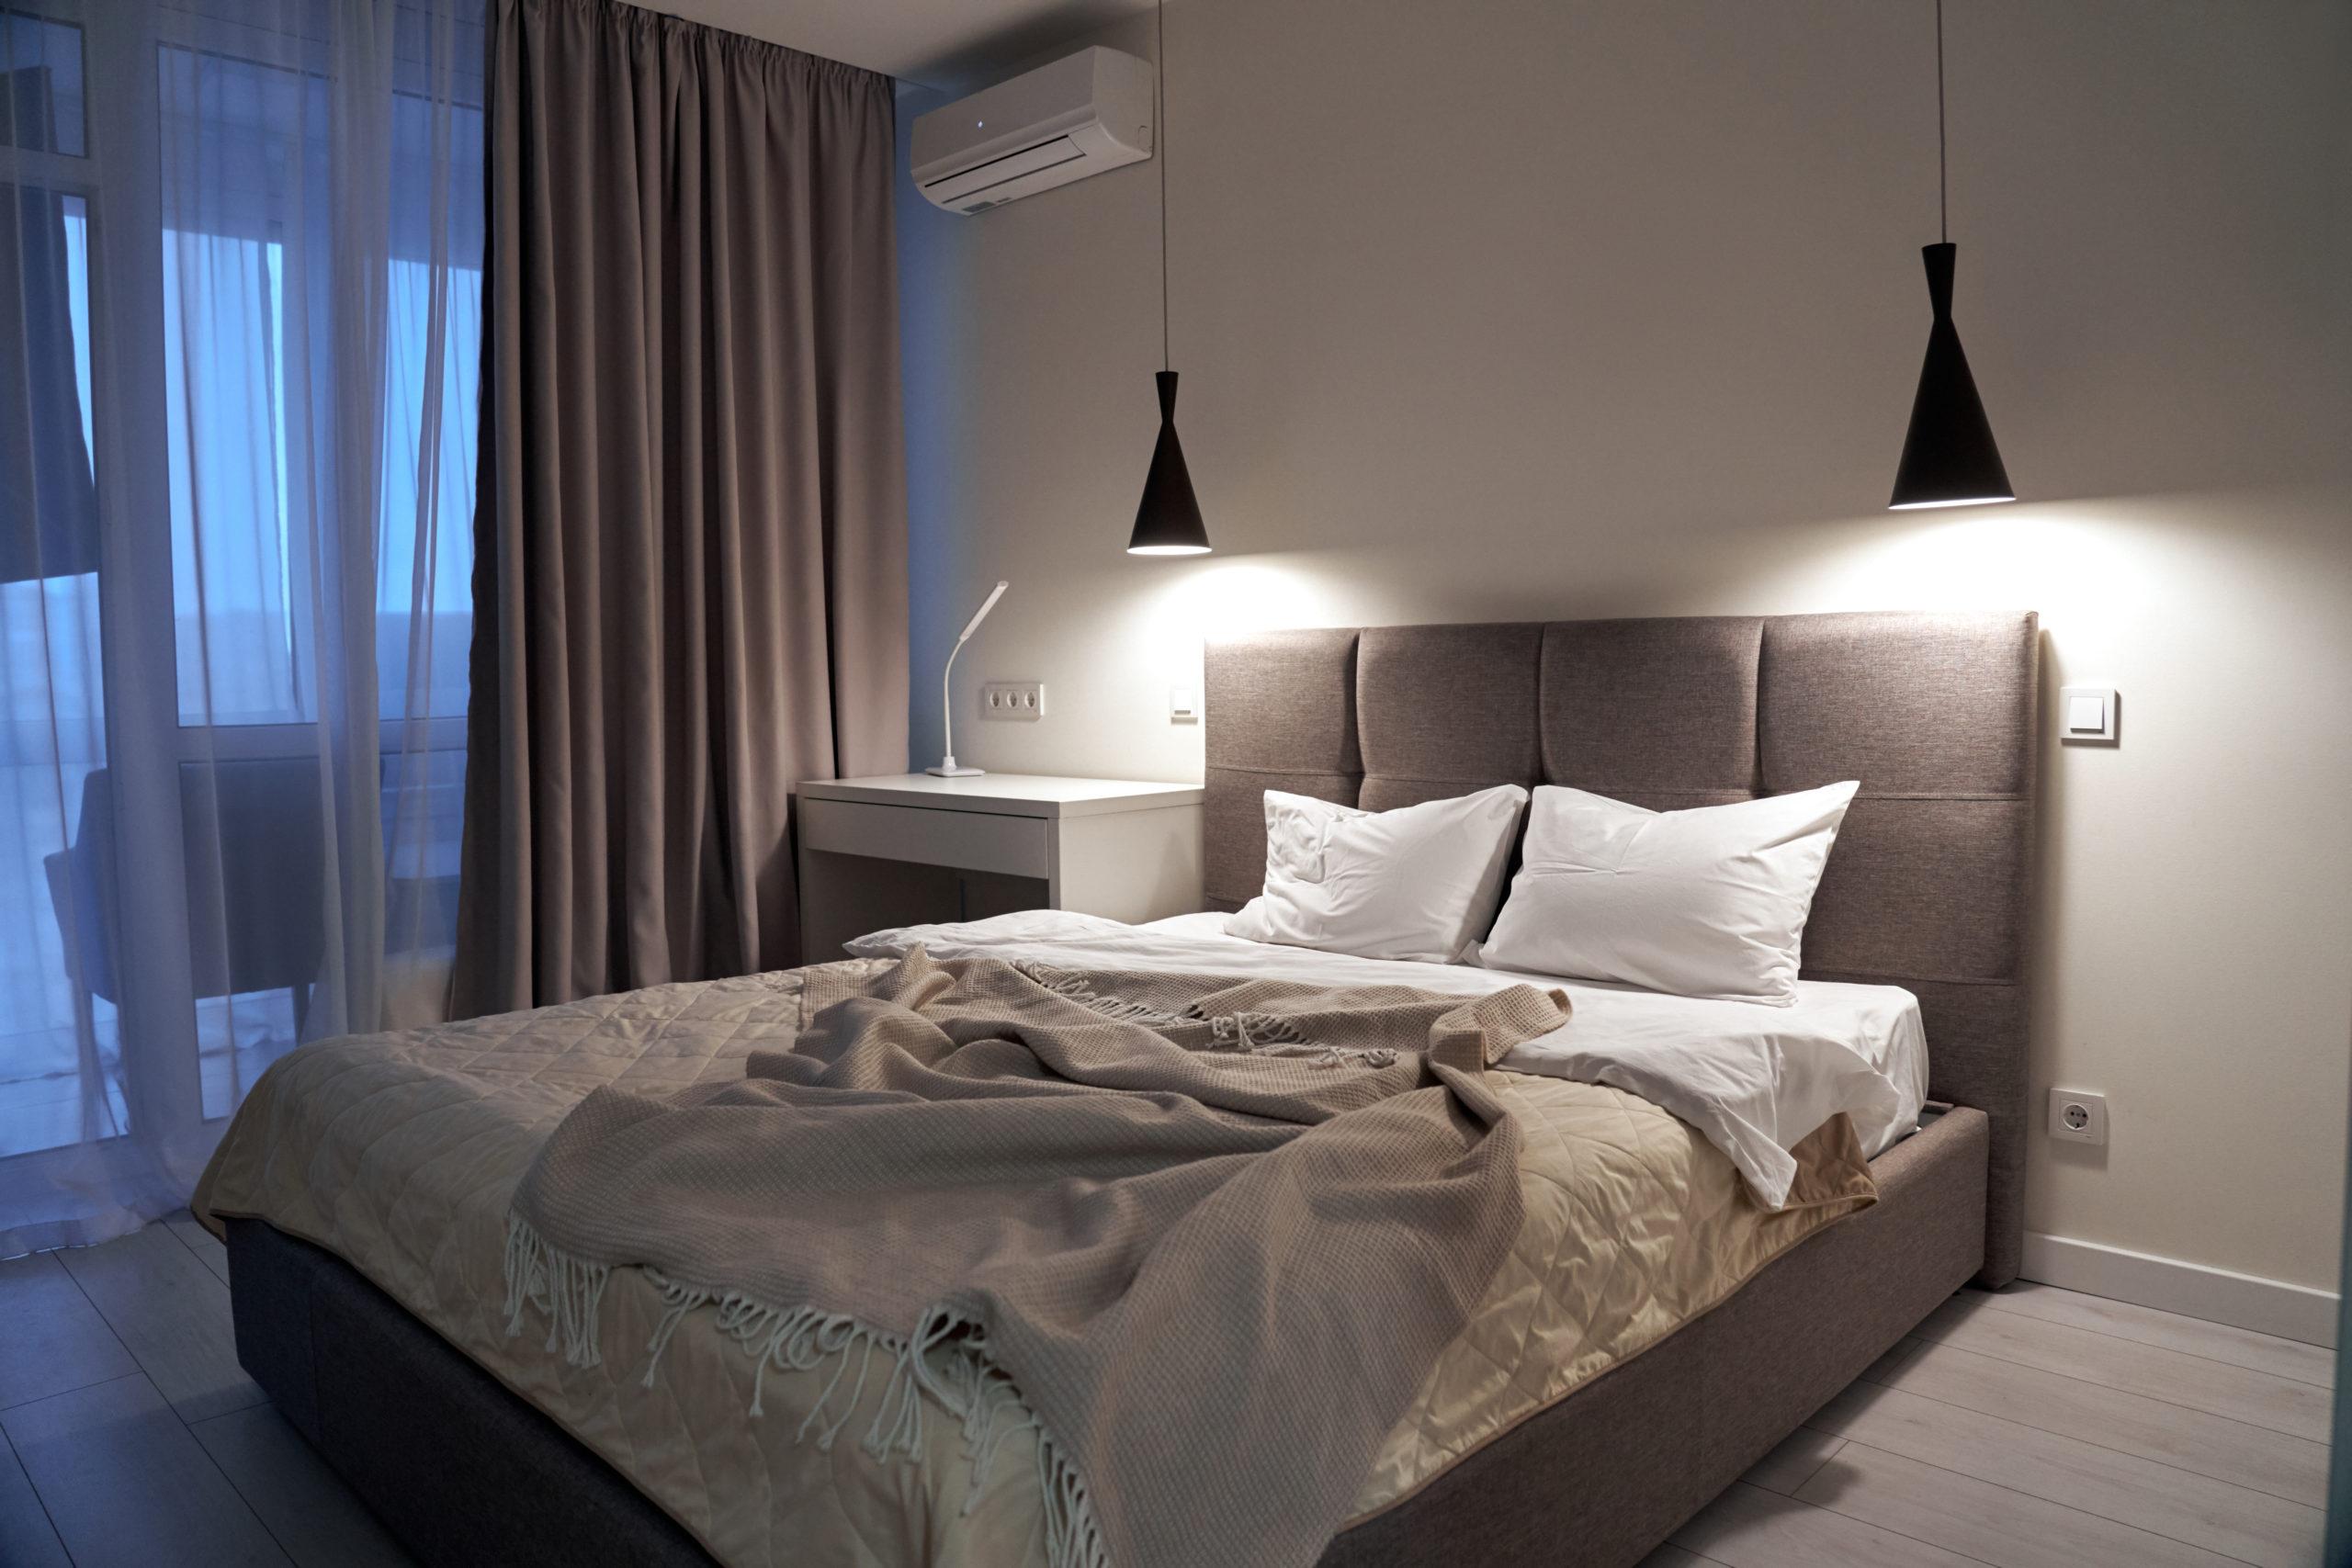 drapes in bedroom